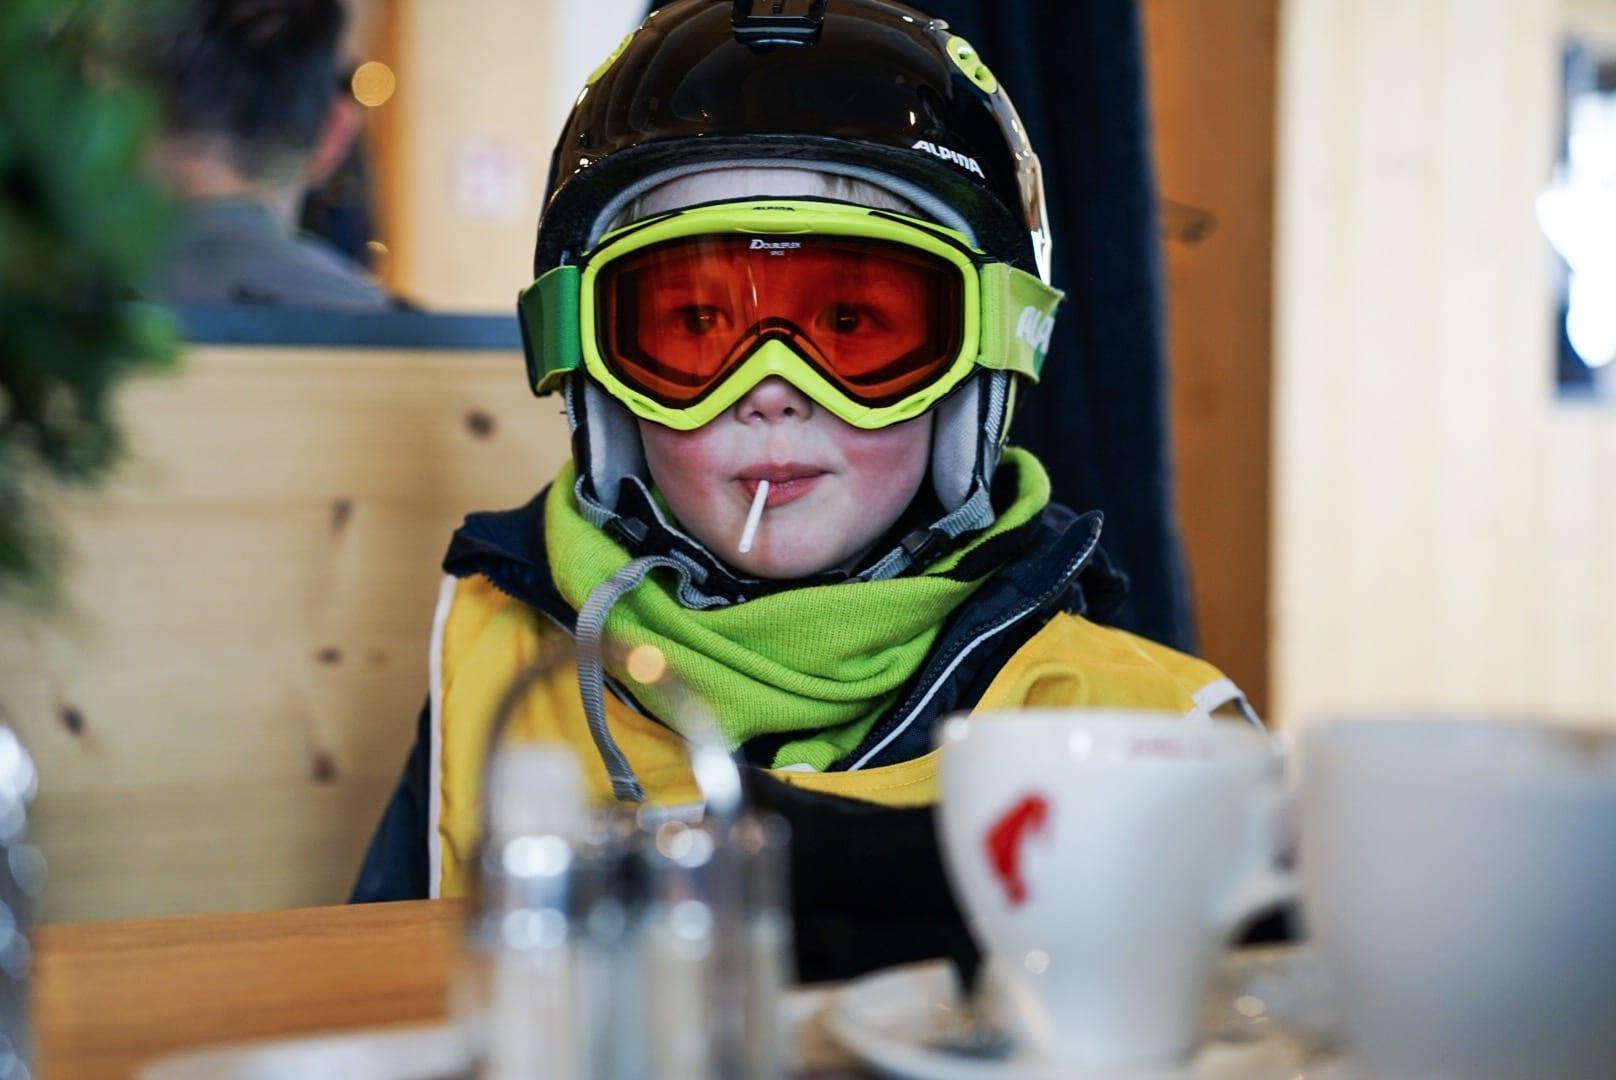 Skiurlaub mit Kindern | Familiert.de